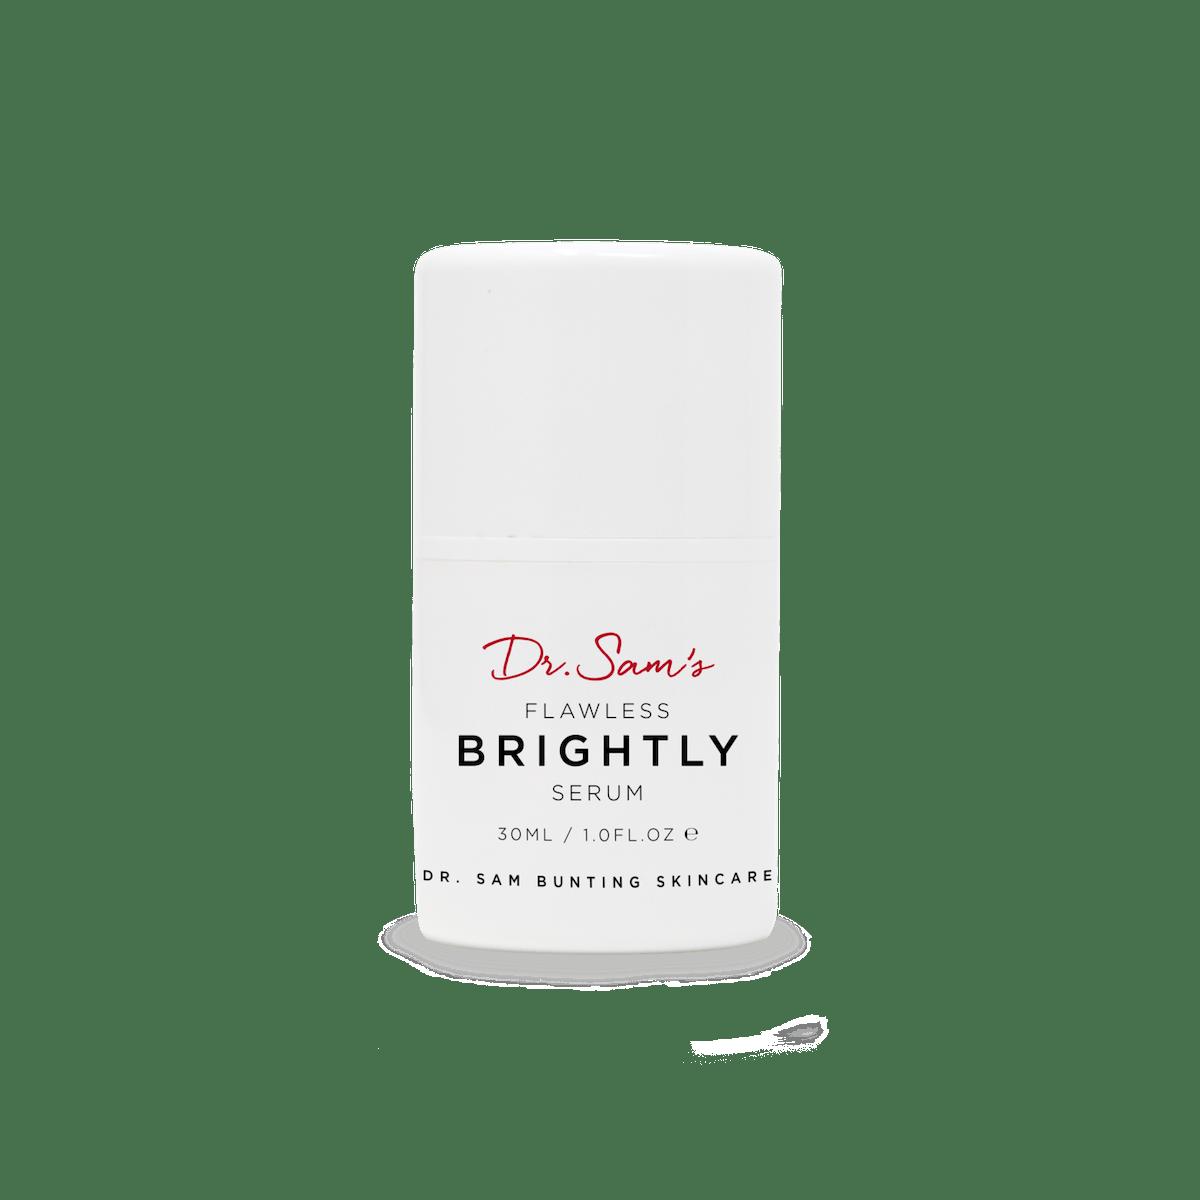 Flawless Brightly Serum